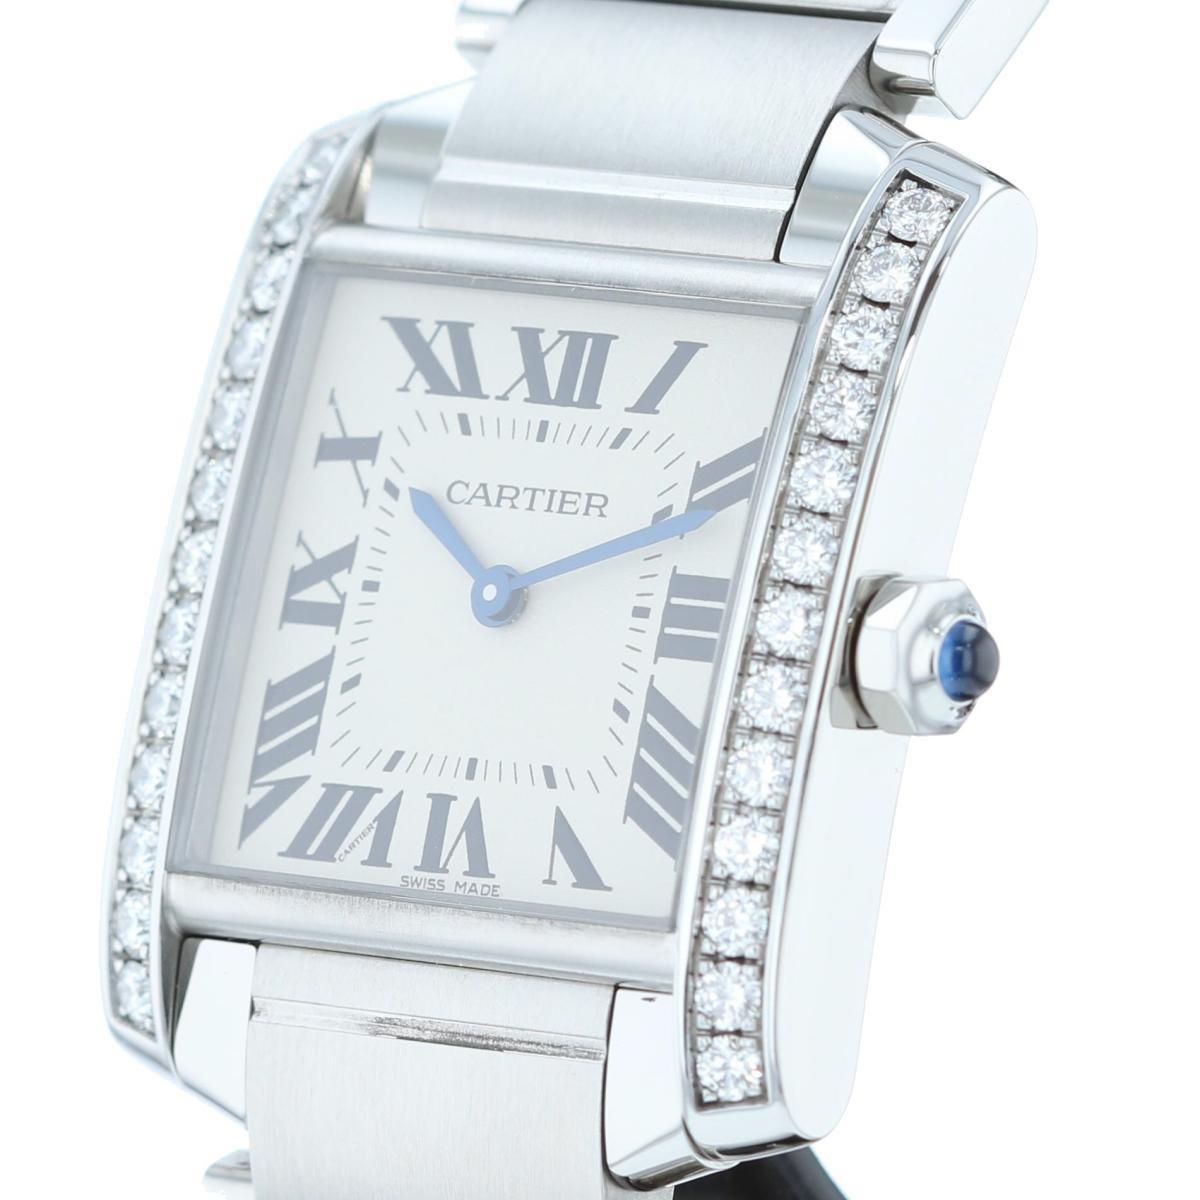 【即日発送・水曜定休日・木曜発送】【美品】【中古】【RI】 Cartier (カルティエ) タンクフランセーズMM ダイヤベゼル 時計 TANK FRANCAISE White/ホワイト W4TA0009 used:A